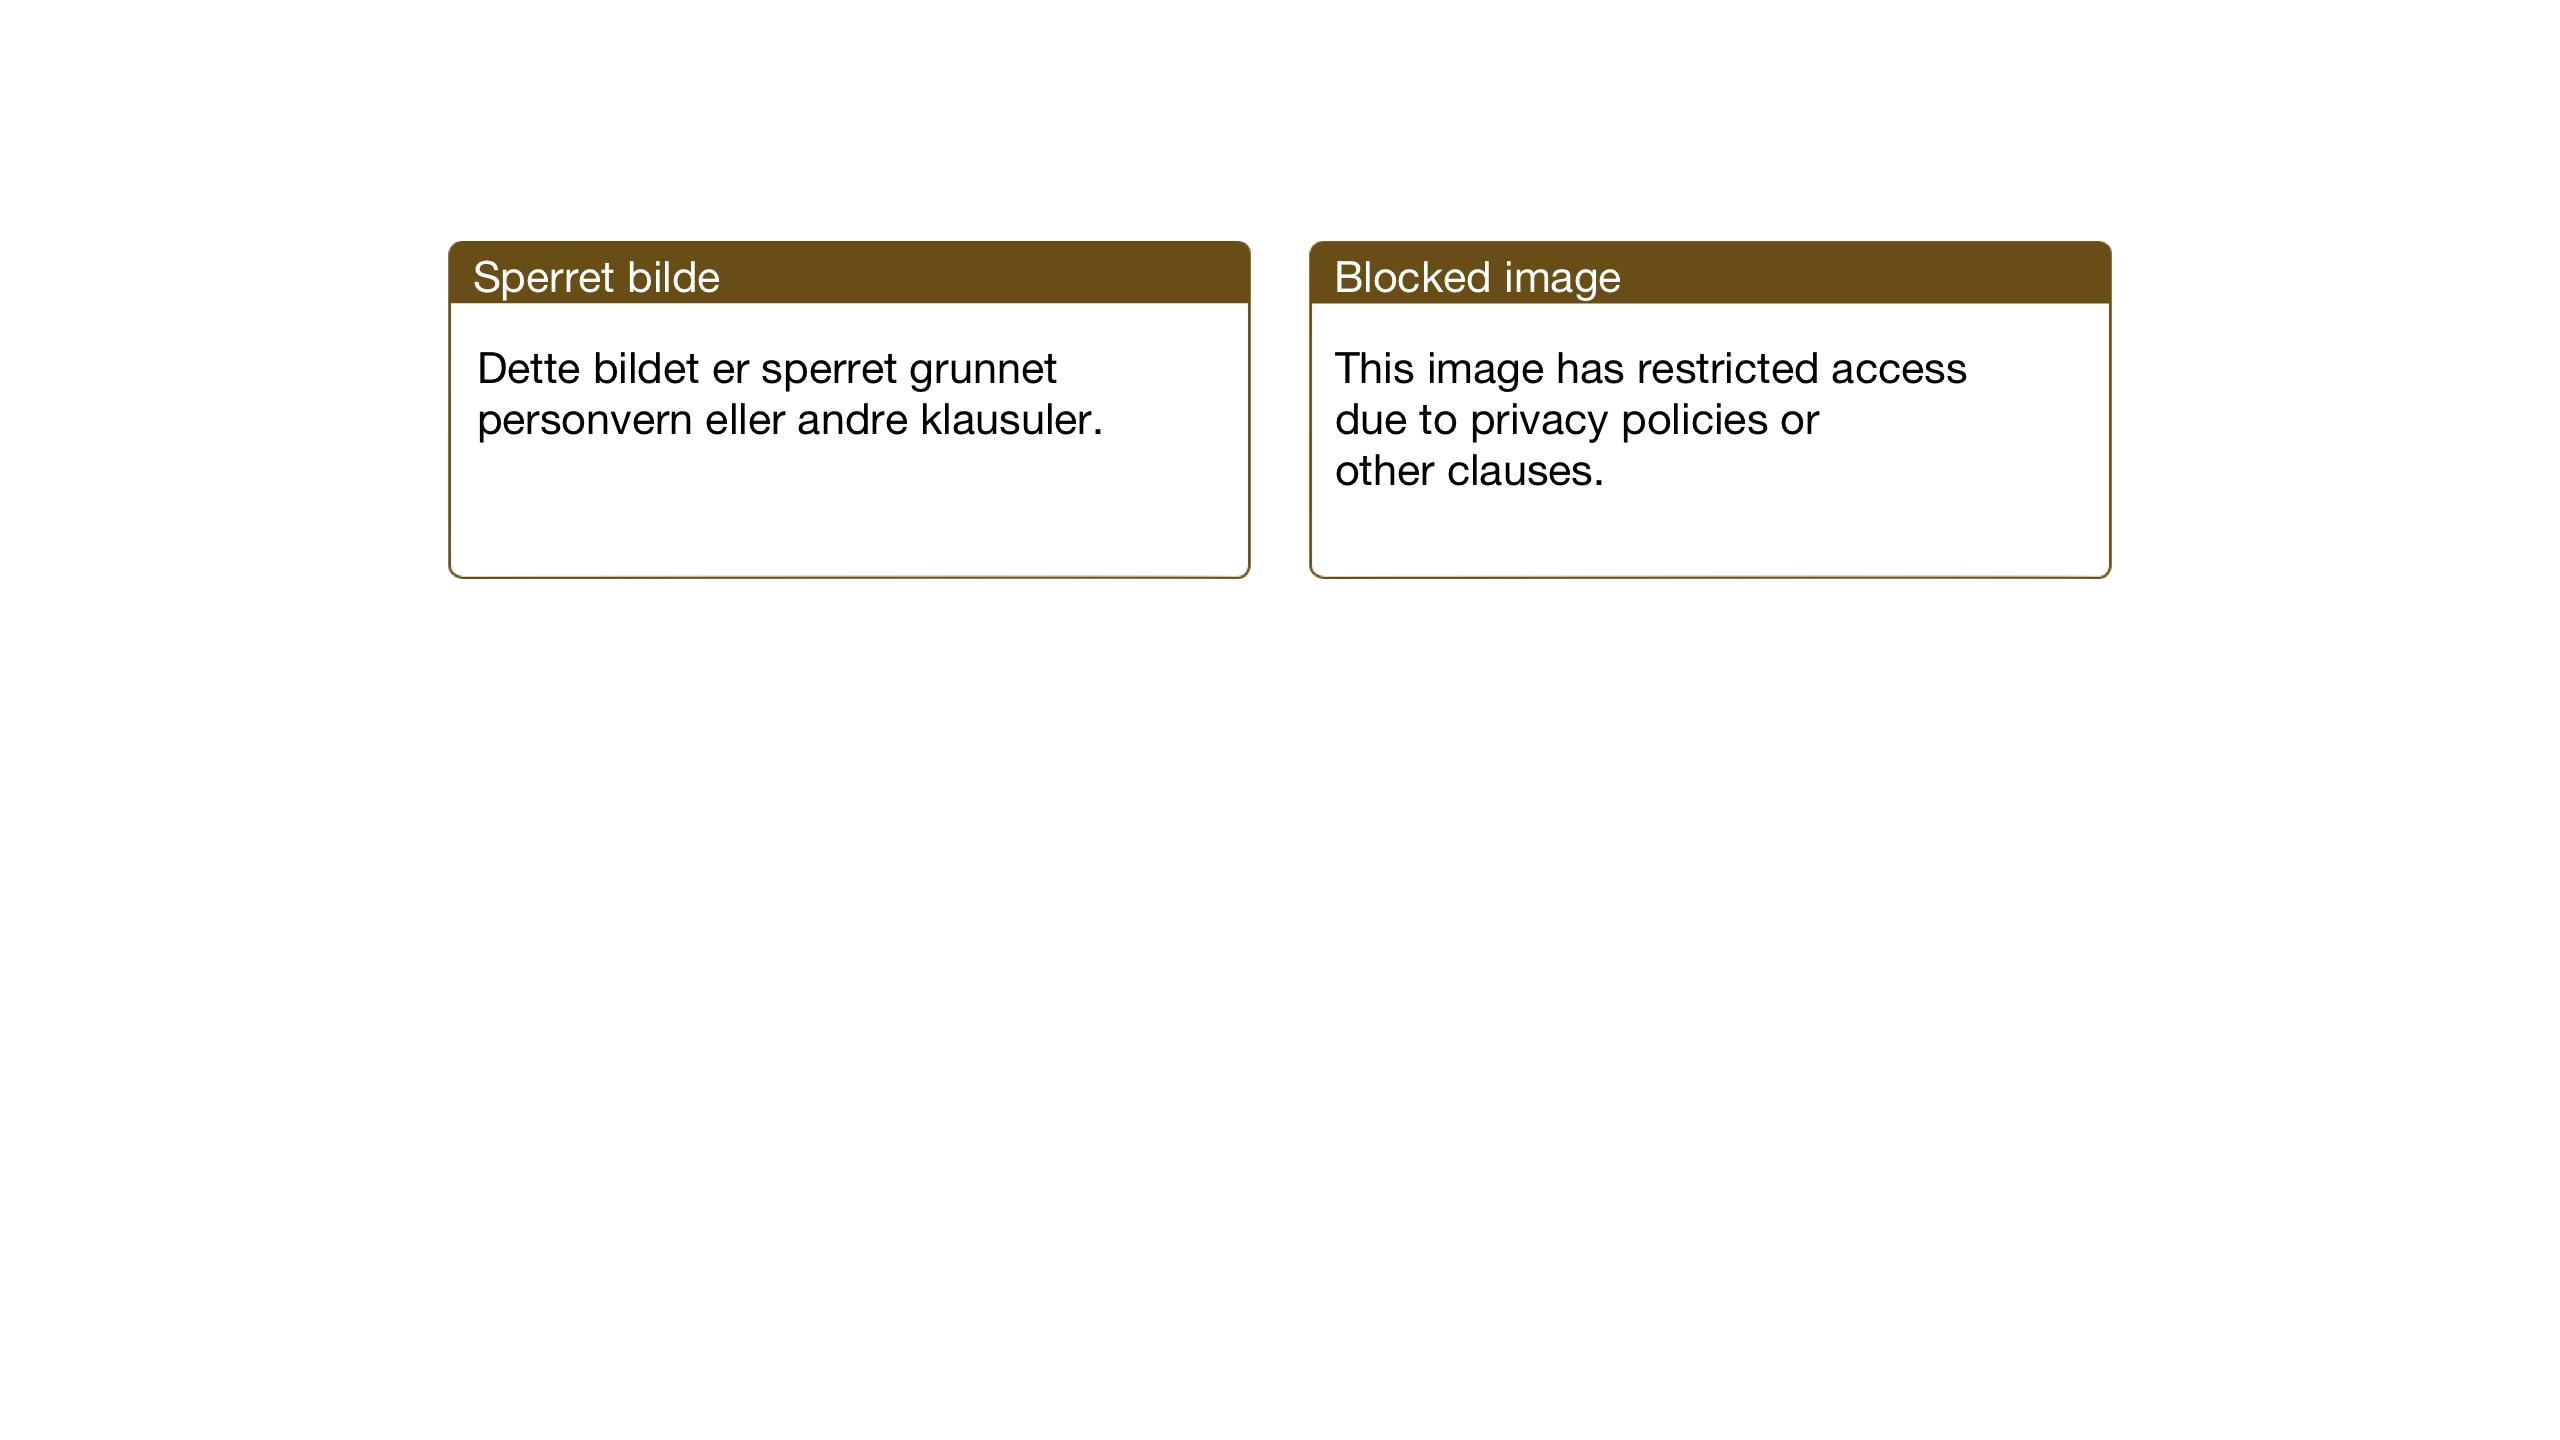 SAT, Ministerialprotokoller, klokkerbøker og fødselsregistre - Sør-Trøndelag, 674/L0878: Klokkerbok nr. 674C05, 1941-1950, s. 127